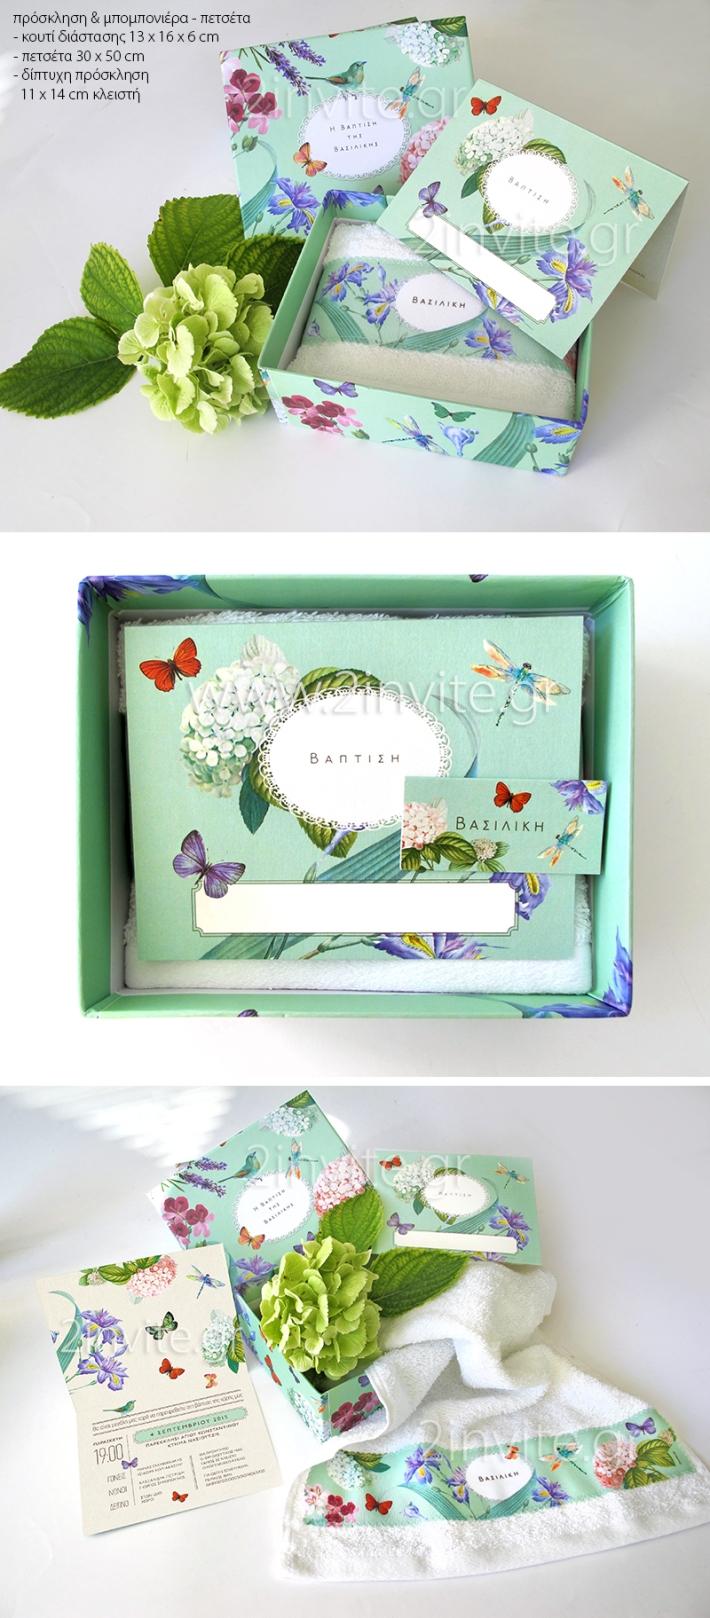 butterfly garden kouti8